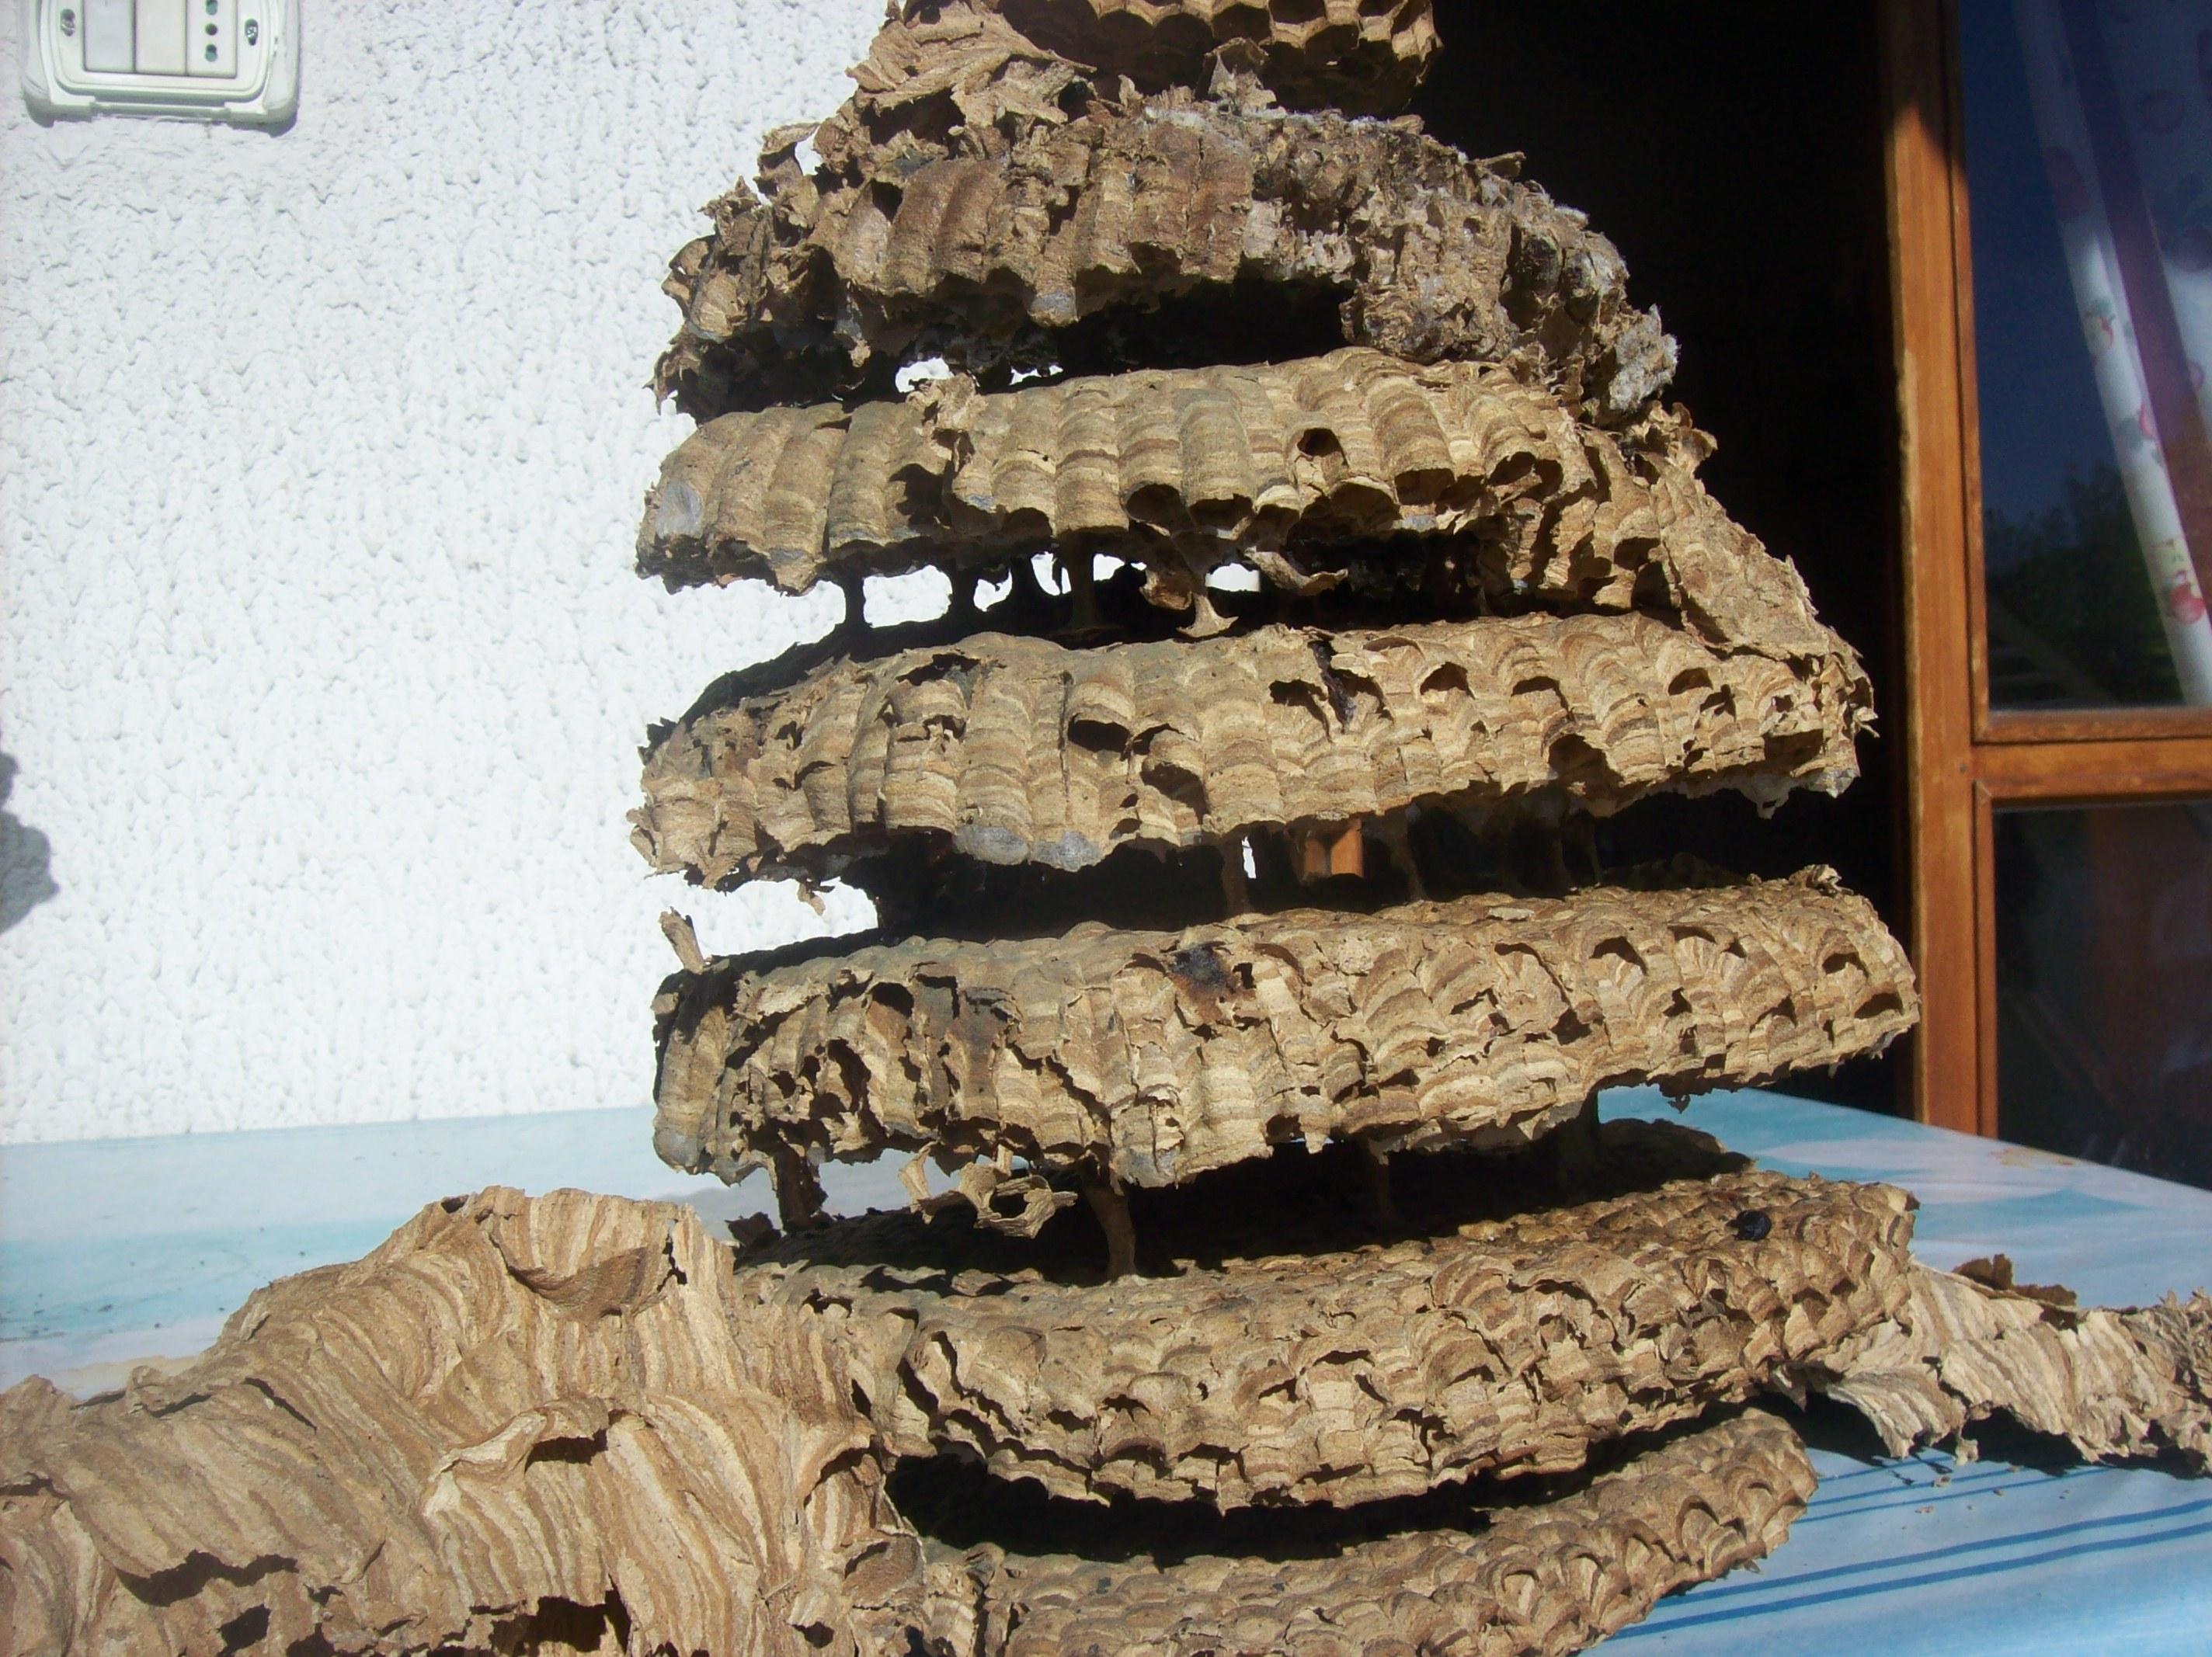 Trova un gigantesco nido di calabroni nel camino di casa for Piani casa con camino nel centro della casa